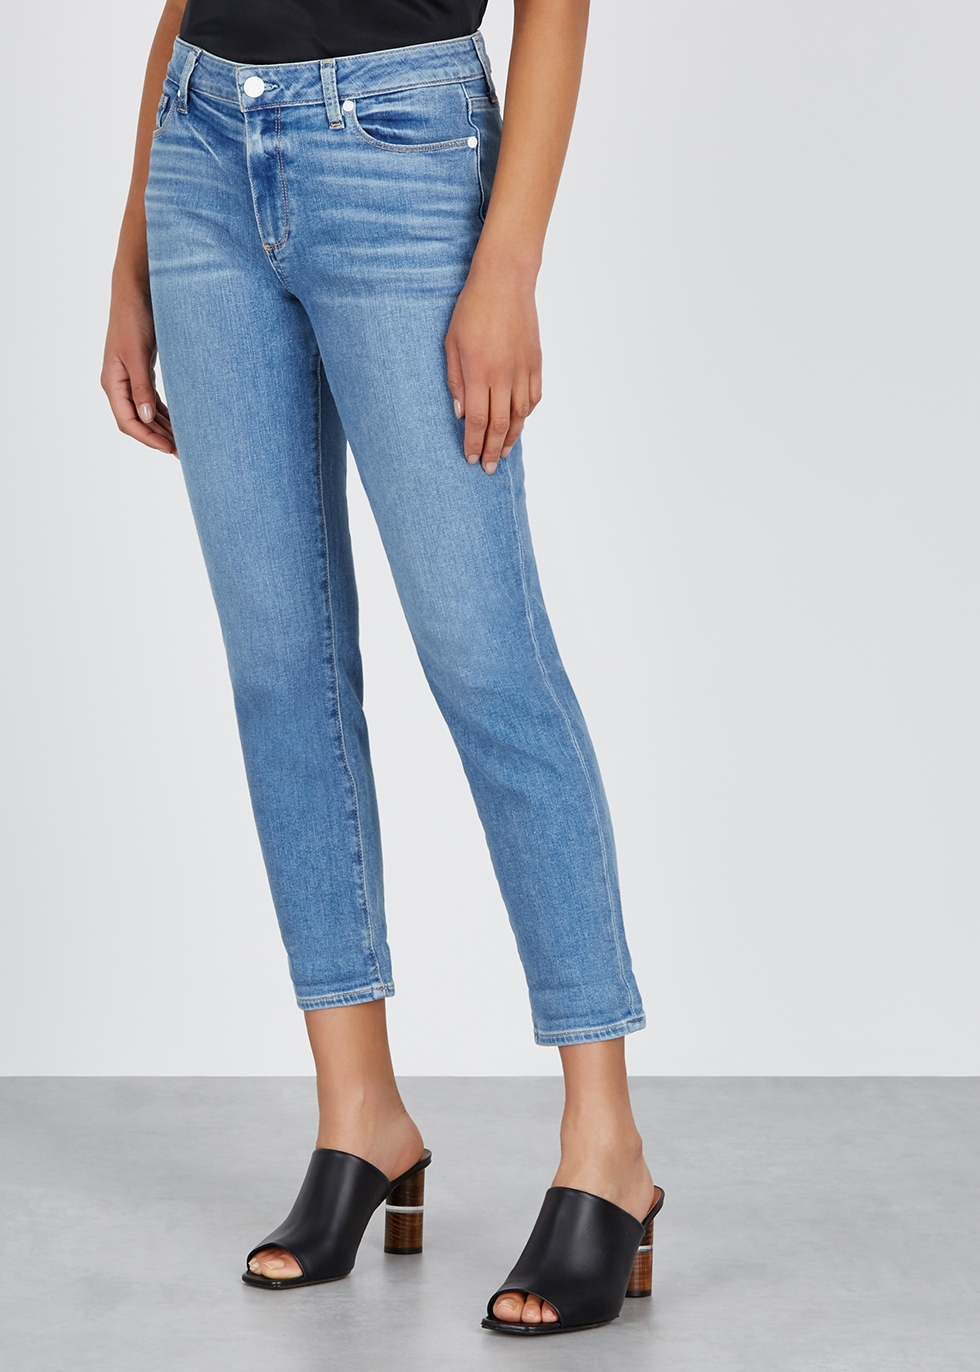 Bridgette blue skinny boyfriend jeans - Paige